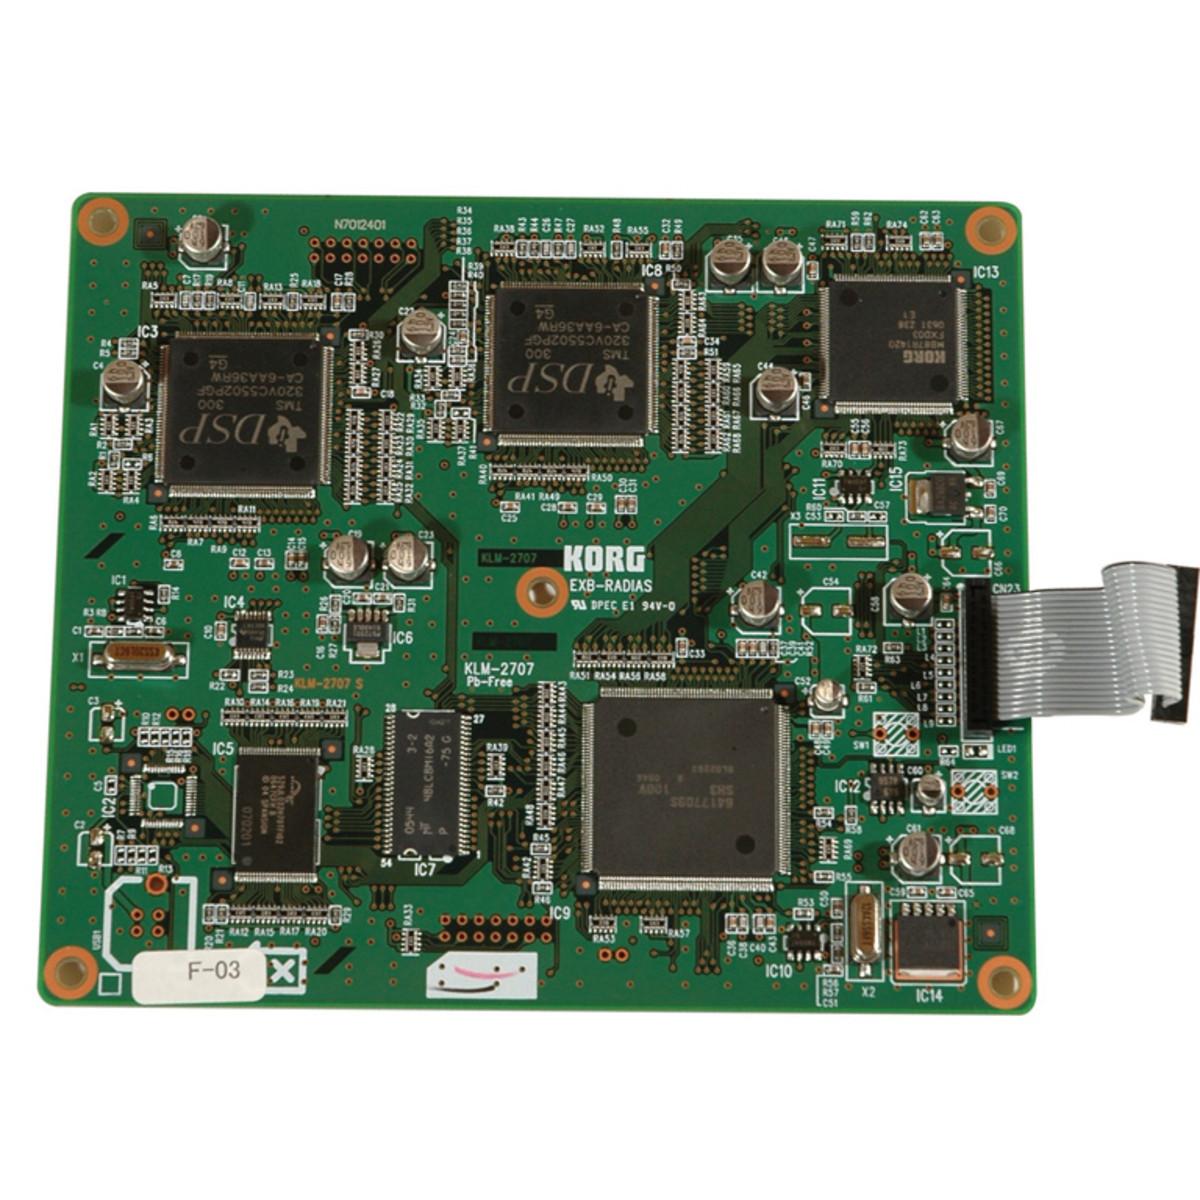 disc korg exb radias expansion board for m3 at gear4music com rh gear4music com Korg Radias for M3 Korg Radias Box